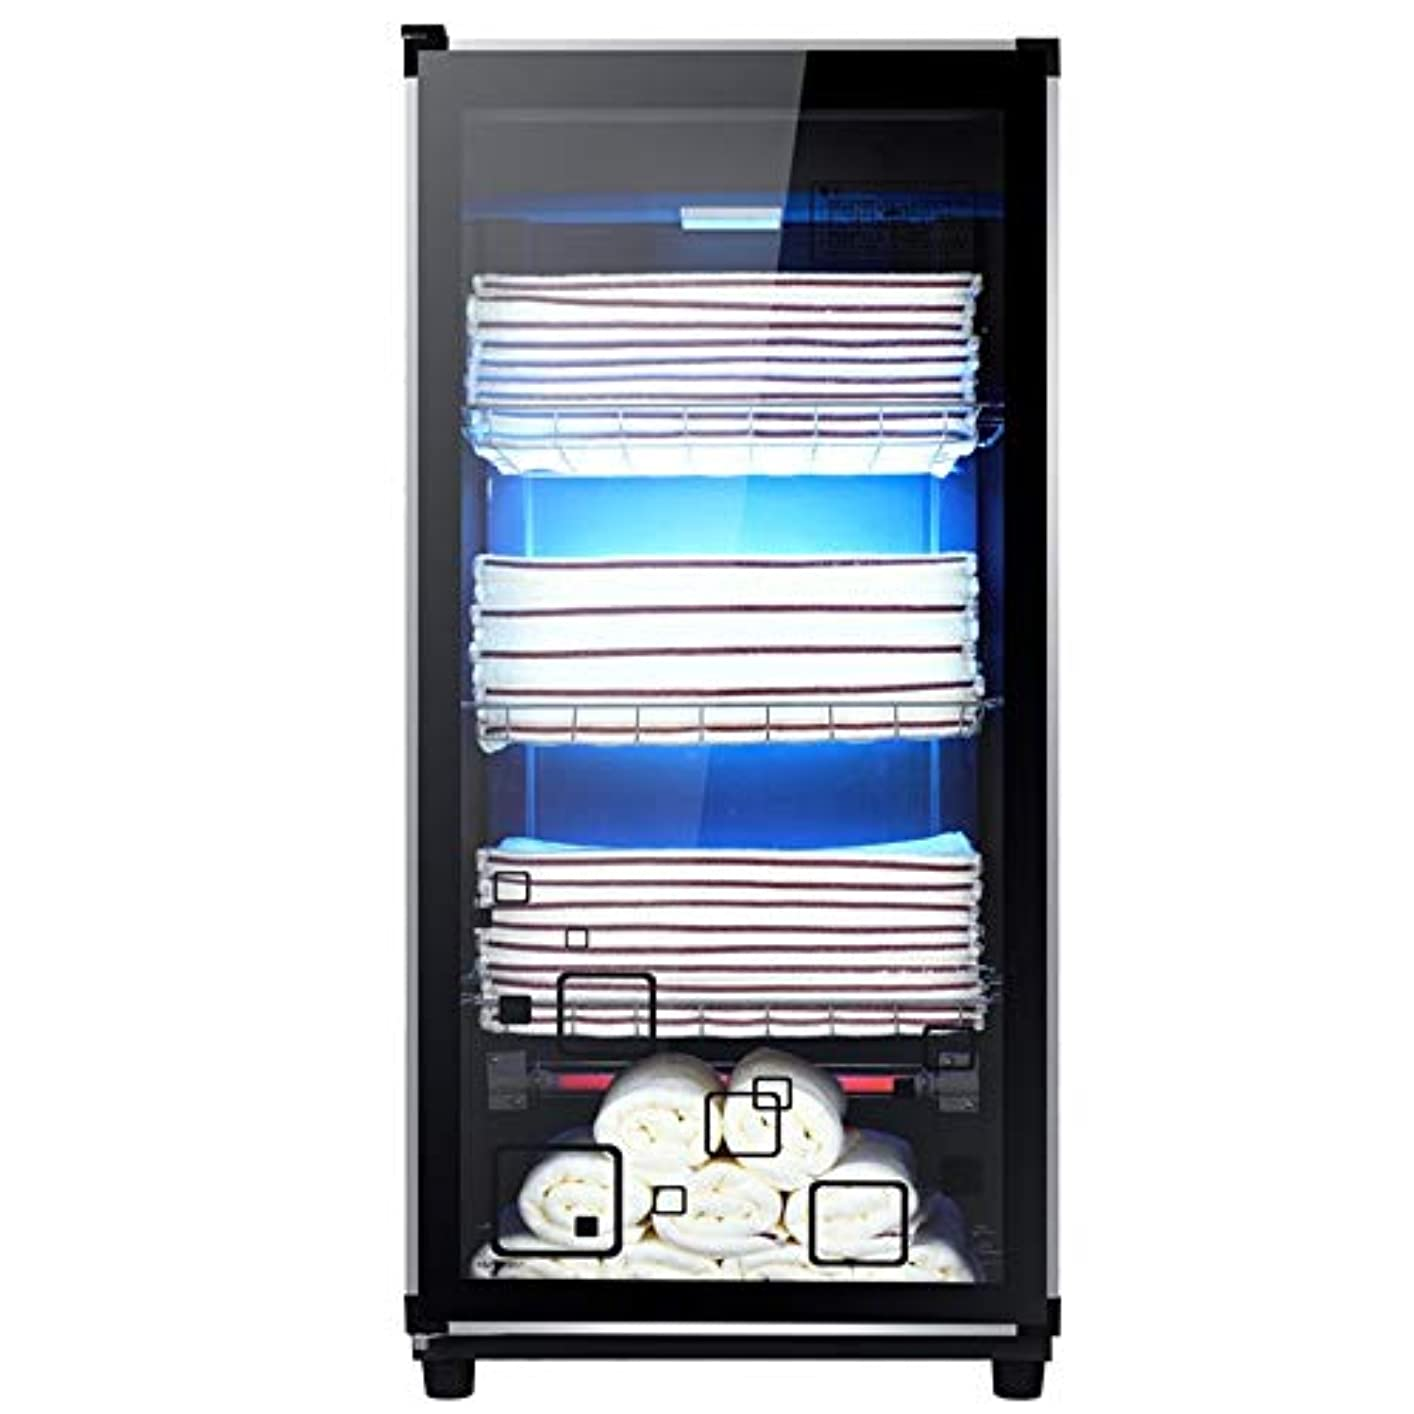 つば平方効能ある3 in 1 UVオゾン滅菌器キャビネットホットタオルウォーマーキャビネットウェットタオルヒーター、レストランサロン用スパマッサージヘアビューティー(4層)